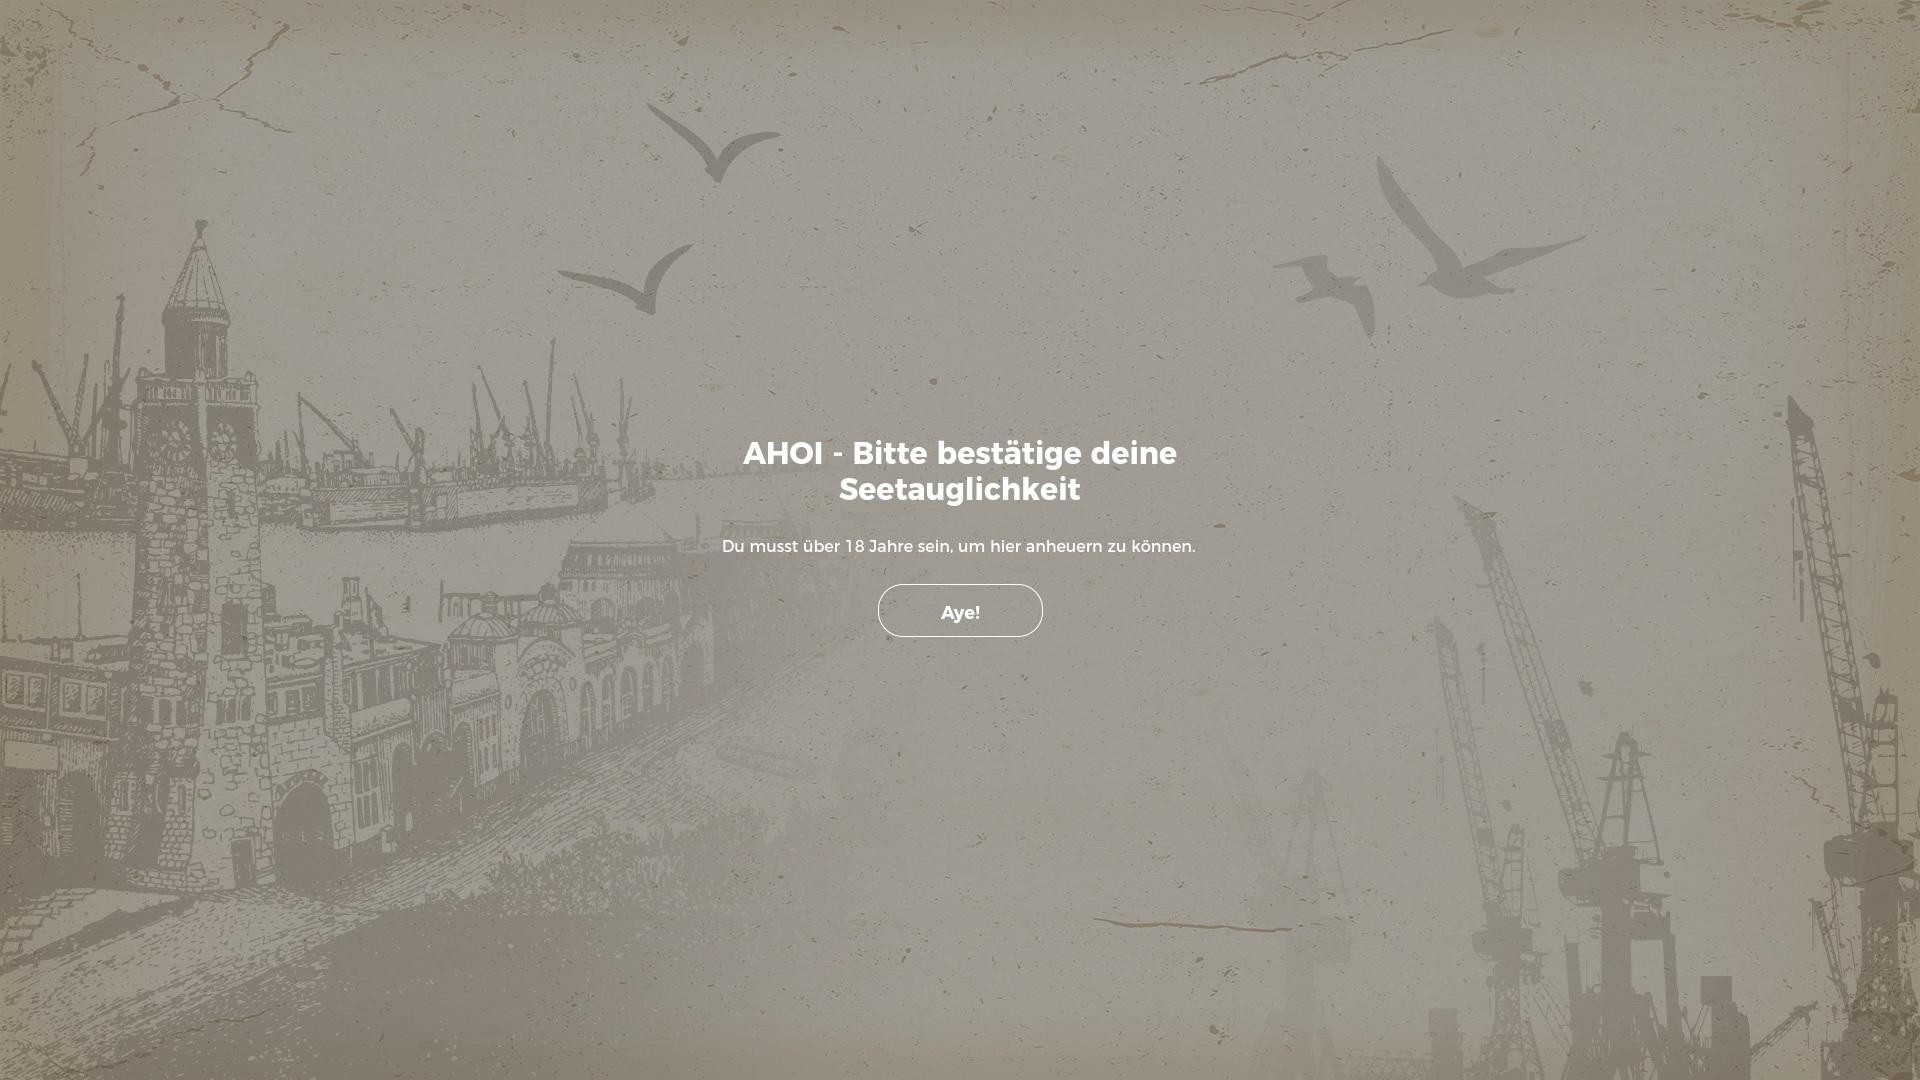 Gutschein für Ahoi-rum: Rabatte für  Ahoi-rum sichern